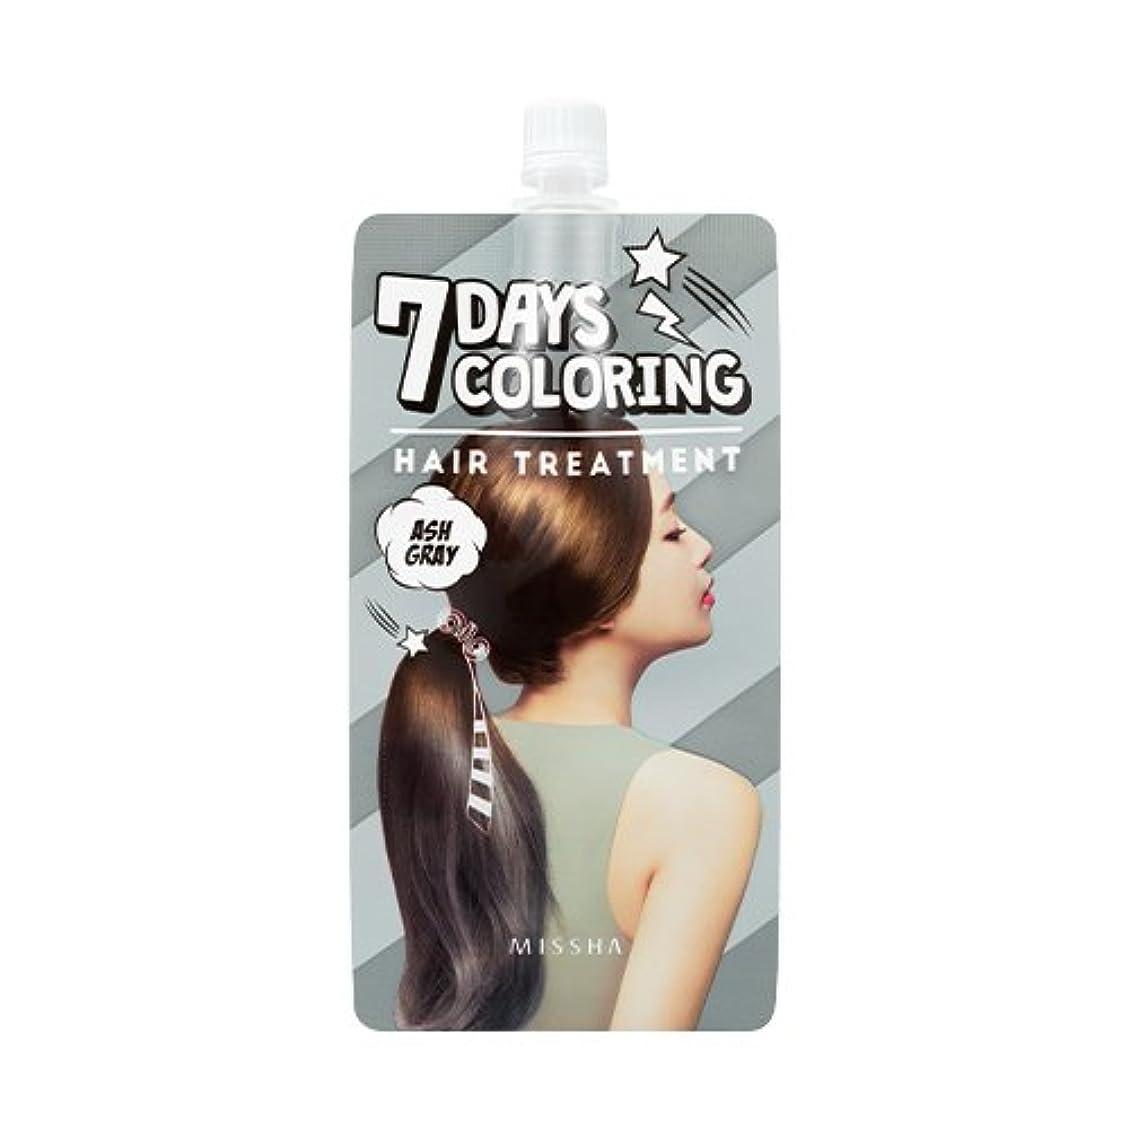 通り放映茎MISSHA 7 Days Coloring Hair Treatment 25ml/ミシャ 7デイズ カラーリング ヘア トリートメント 25ml (#Ash Gray) [並行輸入品]